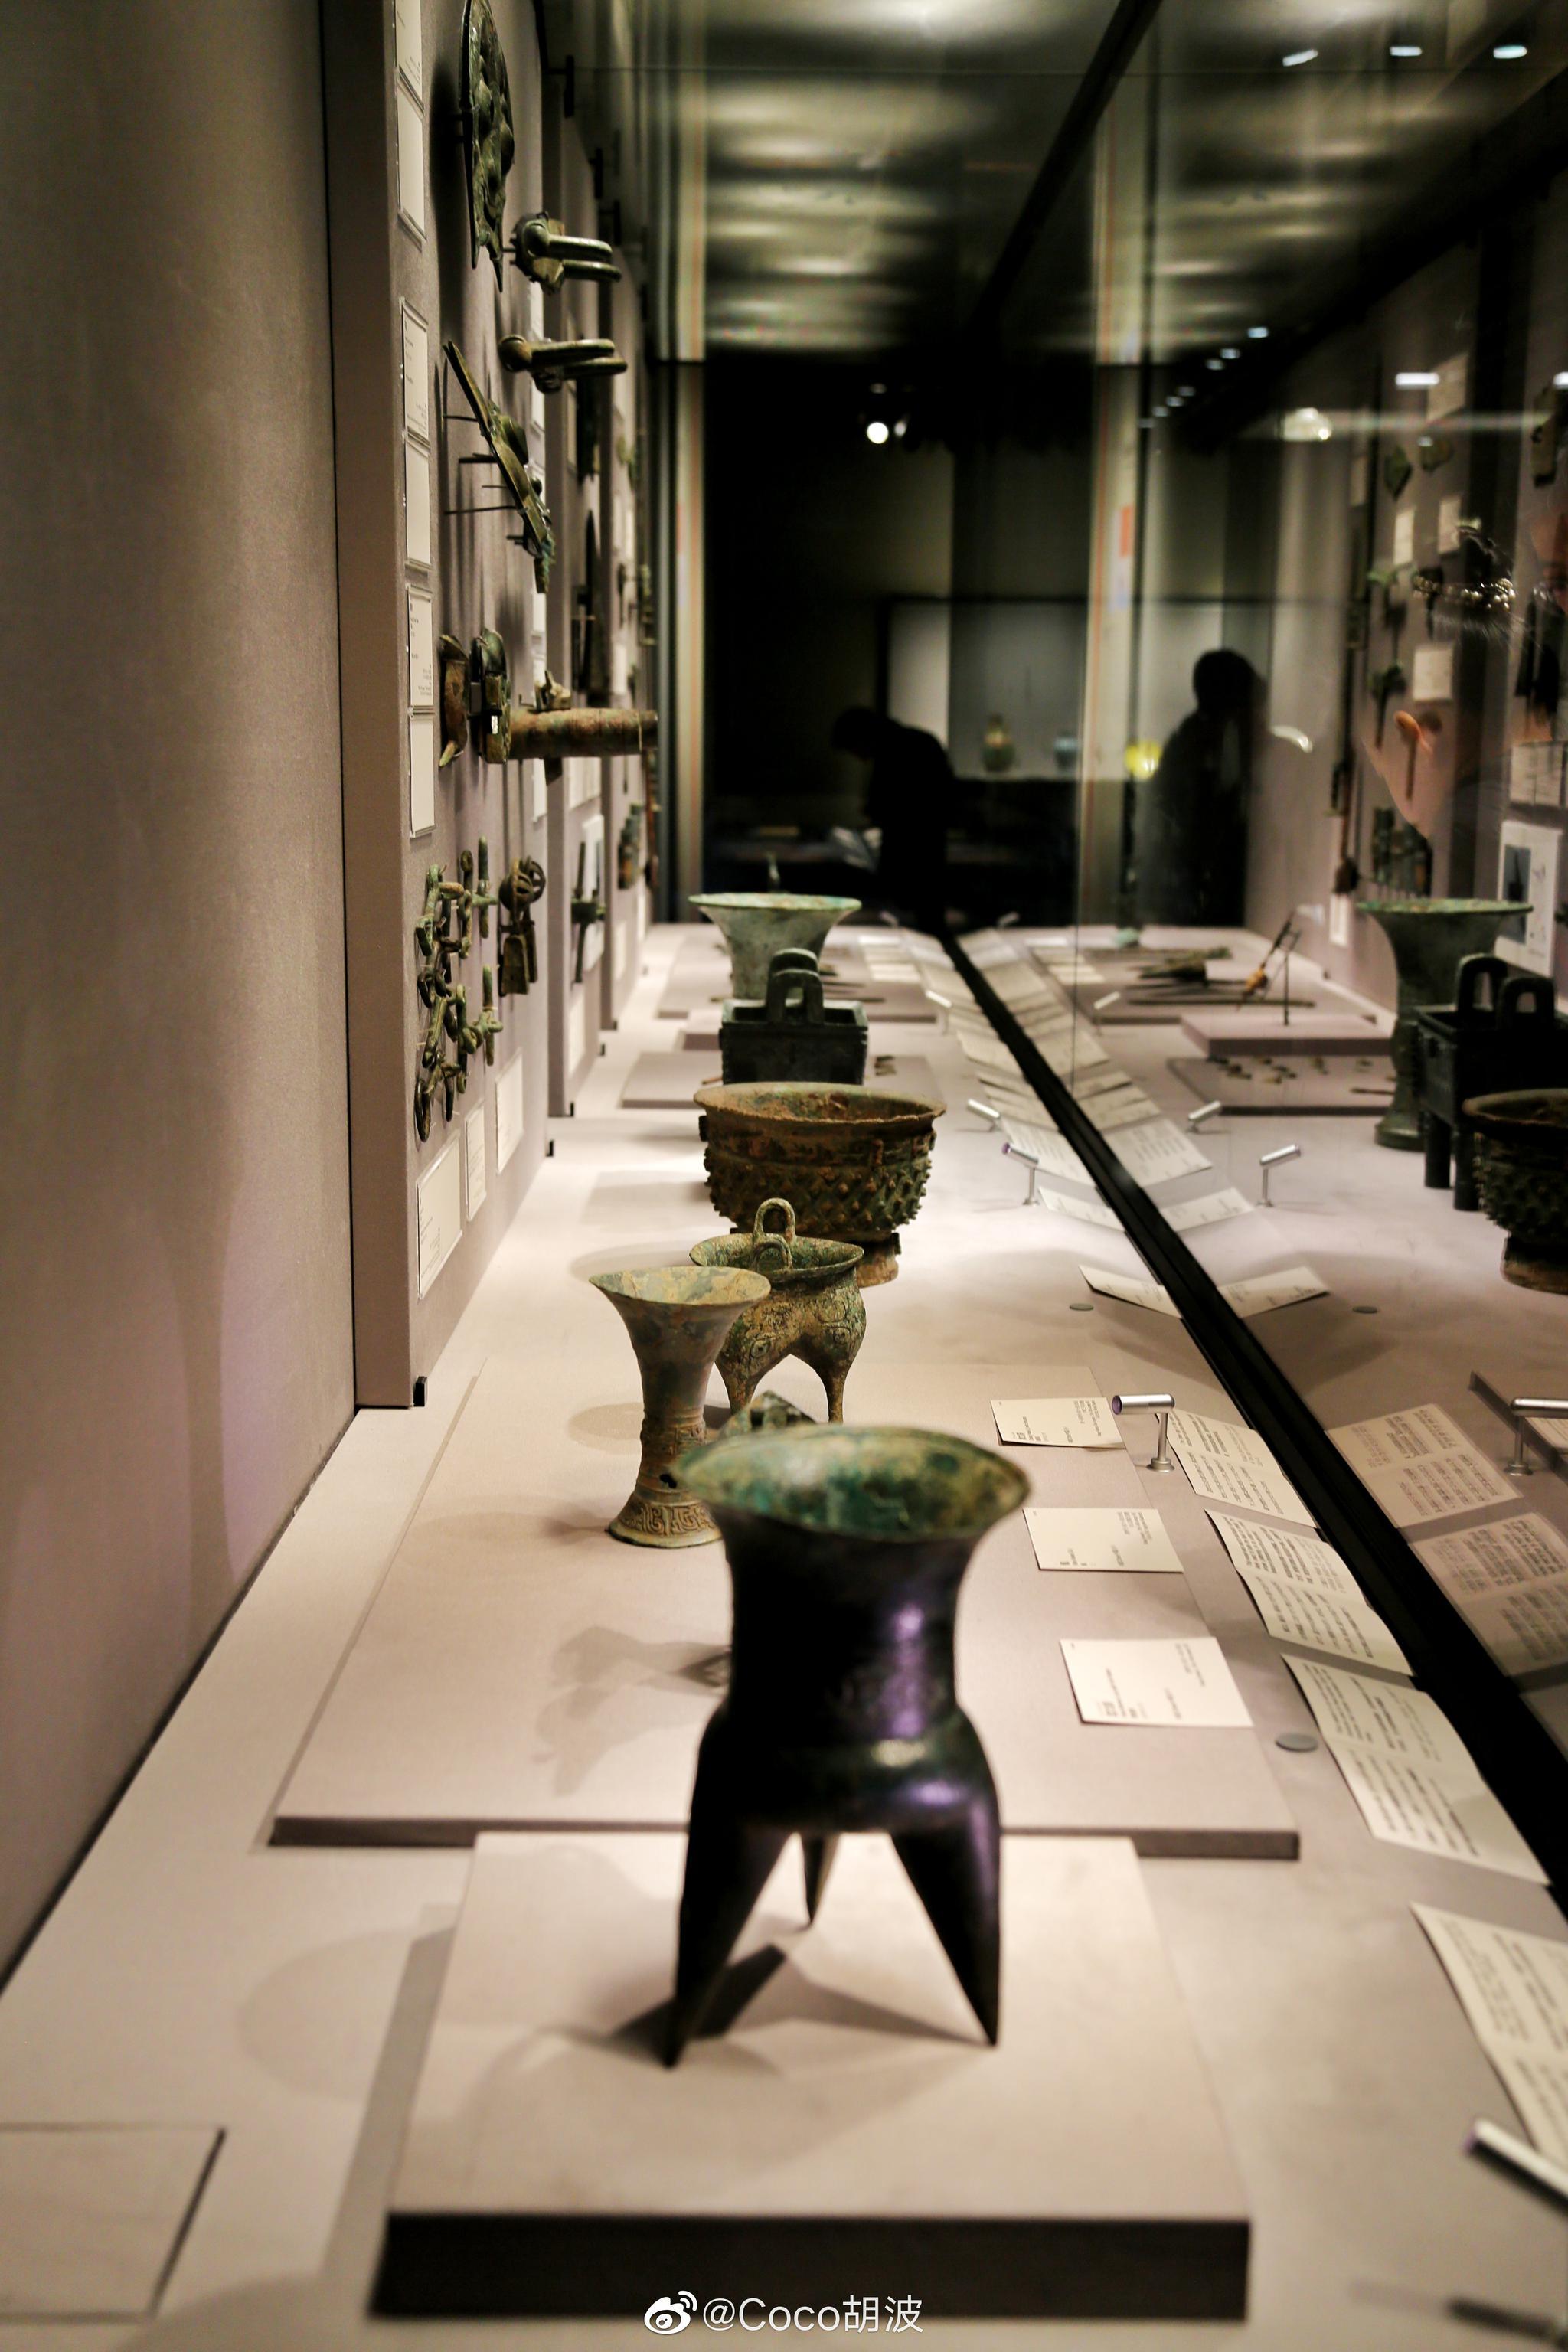 于1872年创建的东京国立博物馆,是日本收藏中国文物最丰富的博物馆